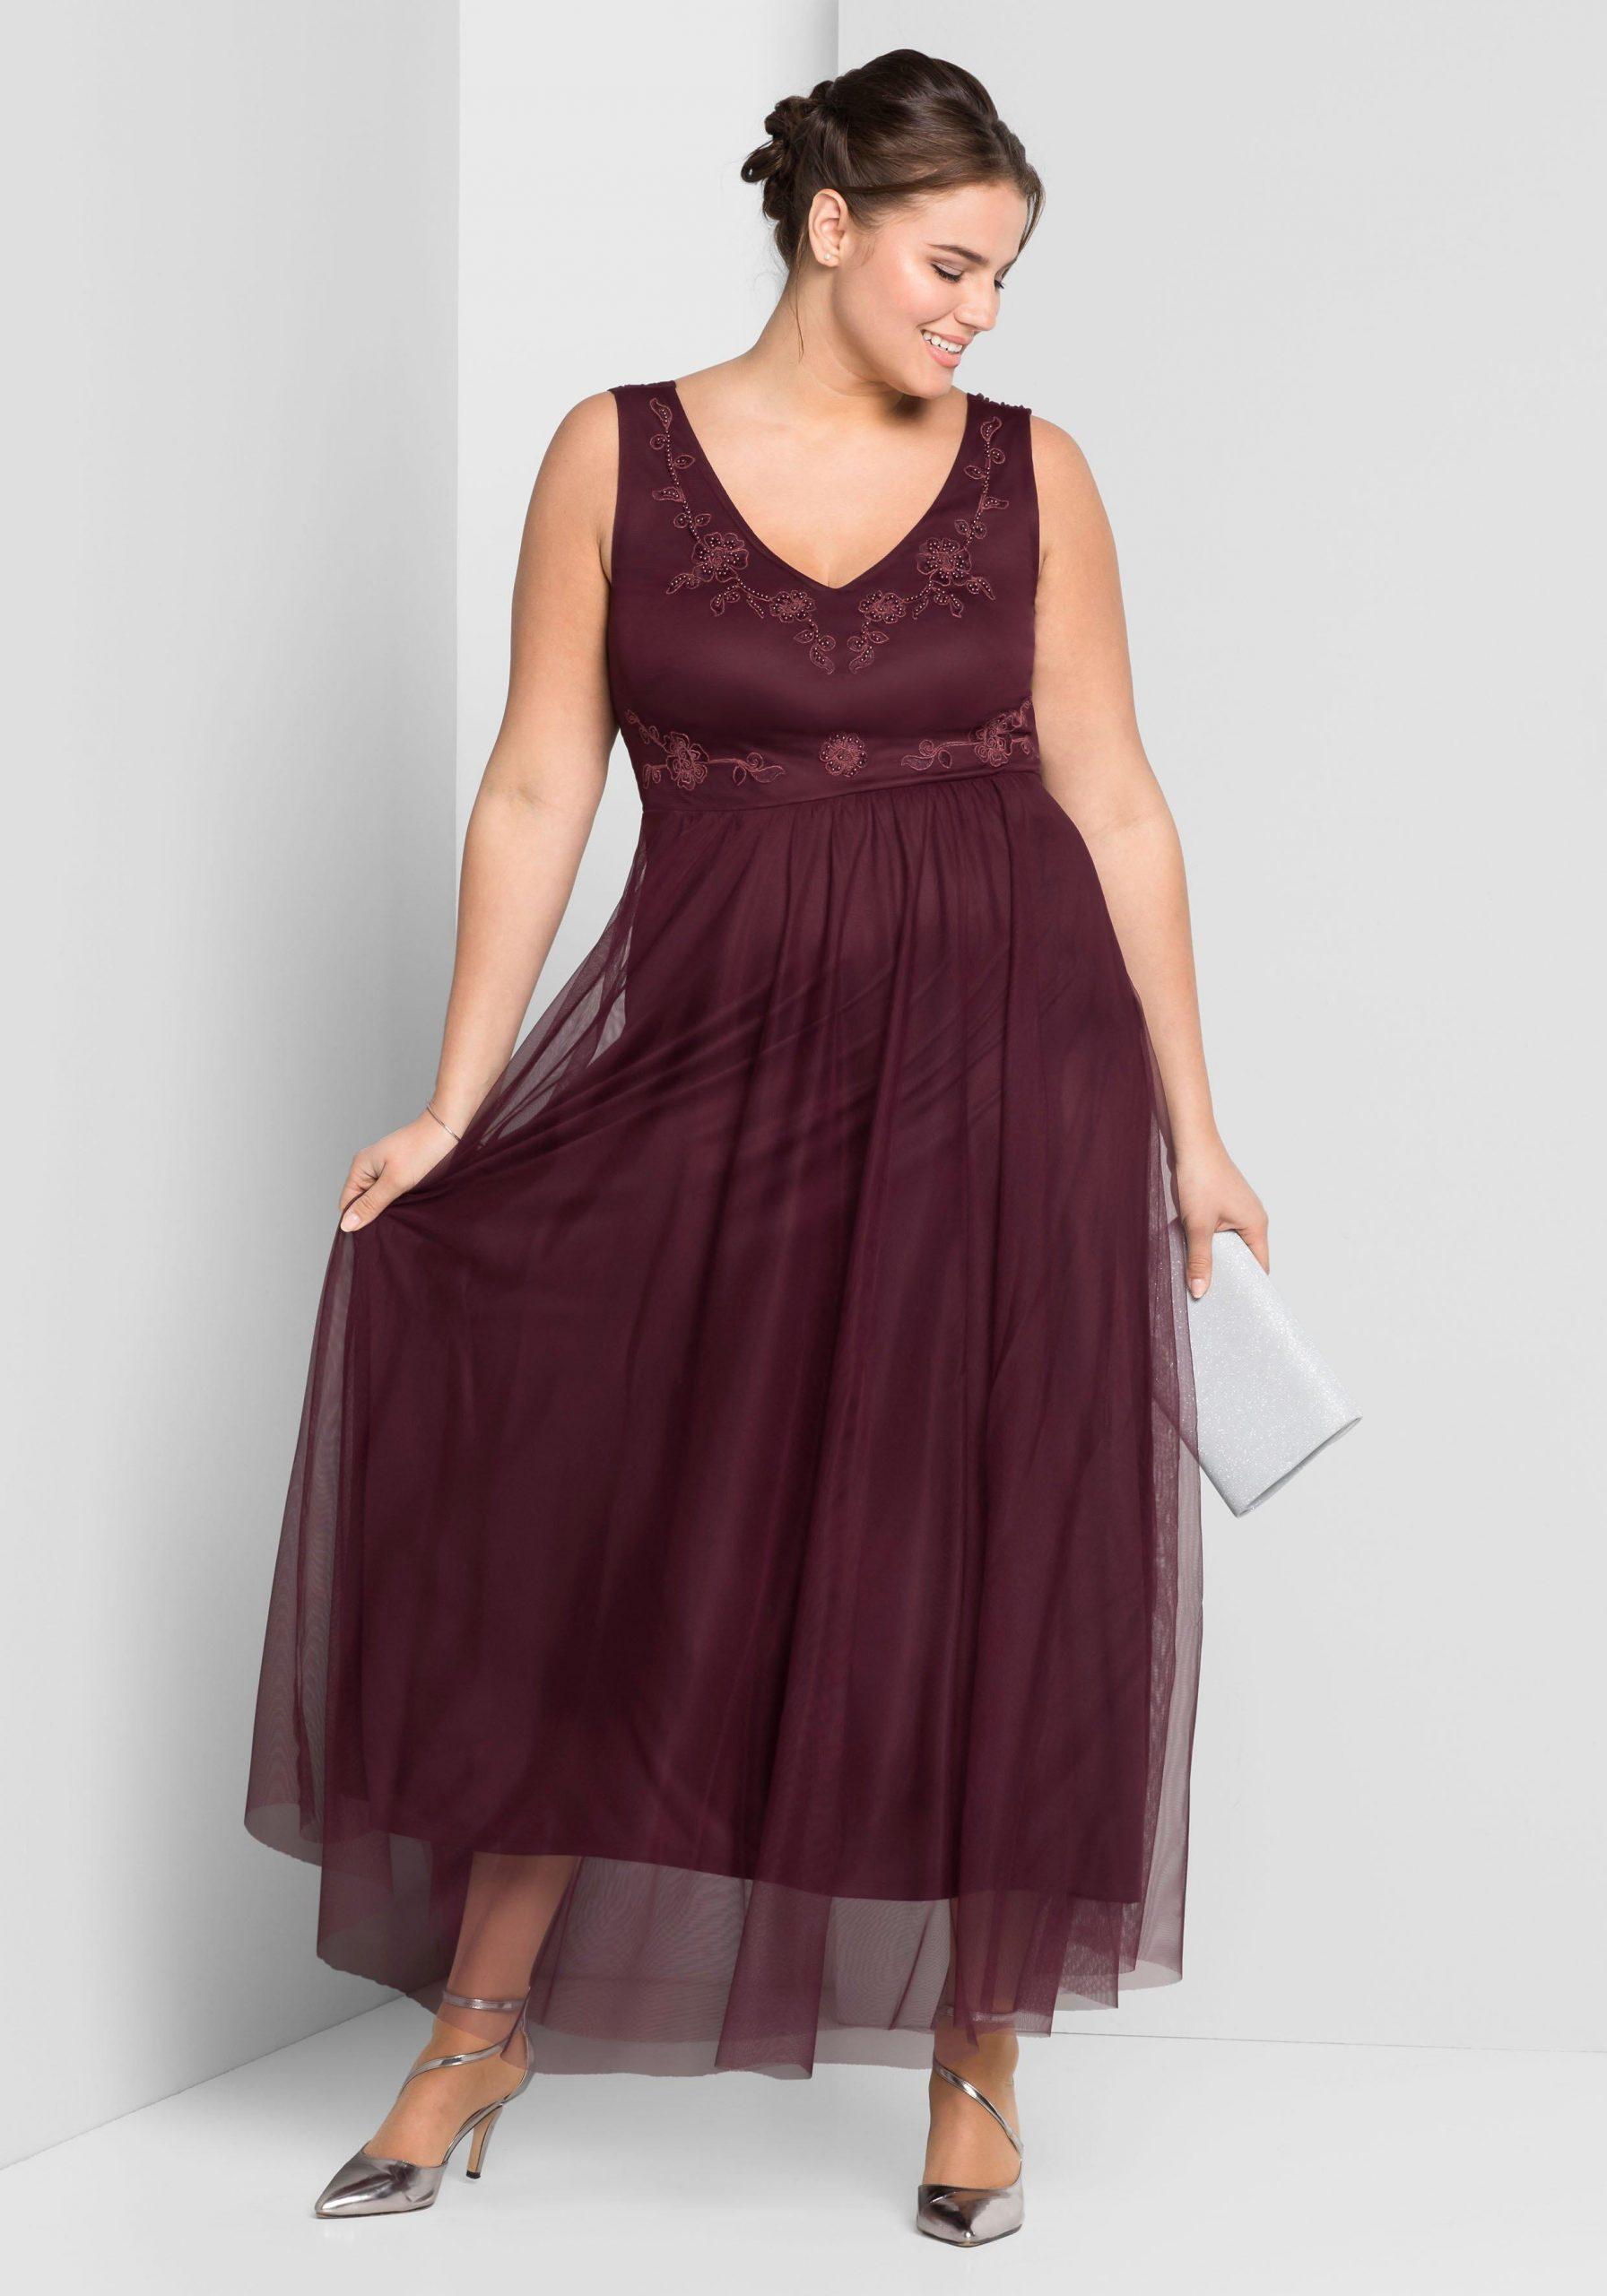 10 Genial Abendkleid Große Größen Design10 Elegant Abendkleid Große Größen Vertrieb